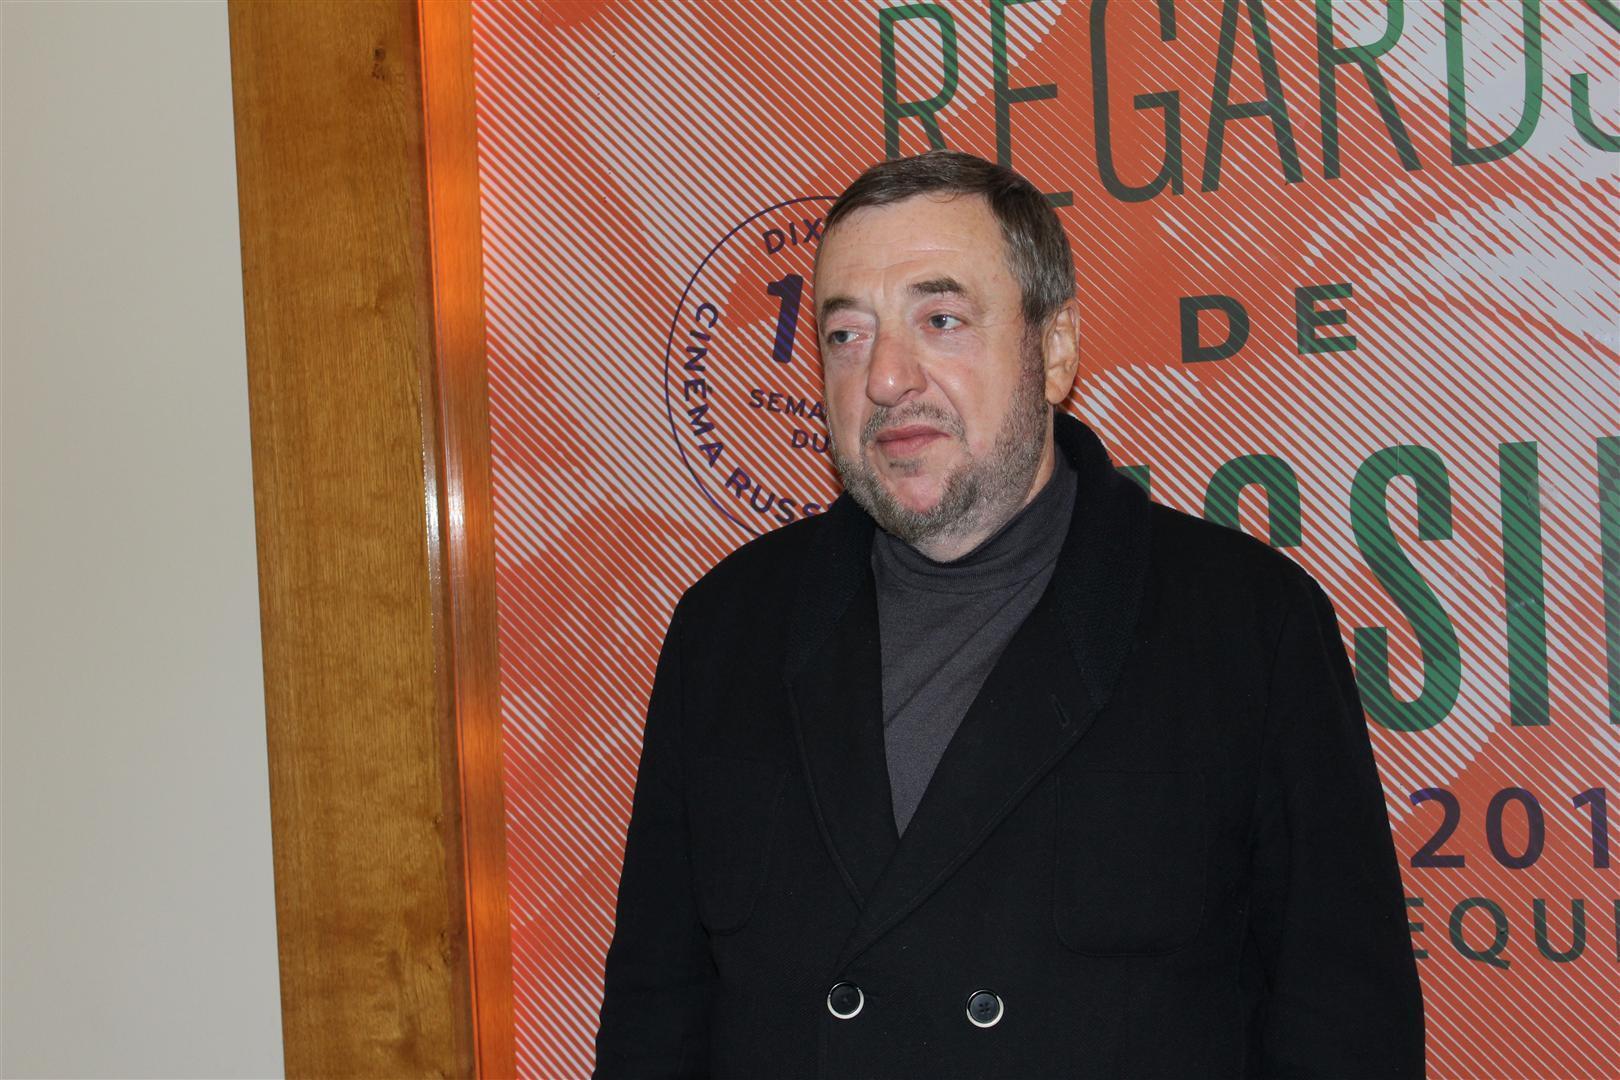 Павел Лунгин на открытии 10-й Недели российского кино в Париже 14 ноября 2012 г.